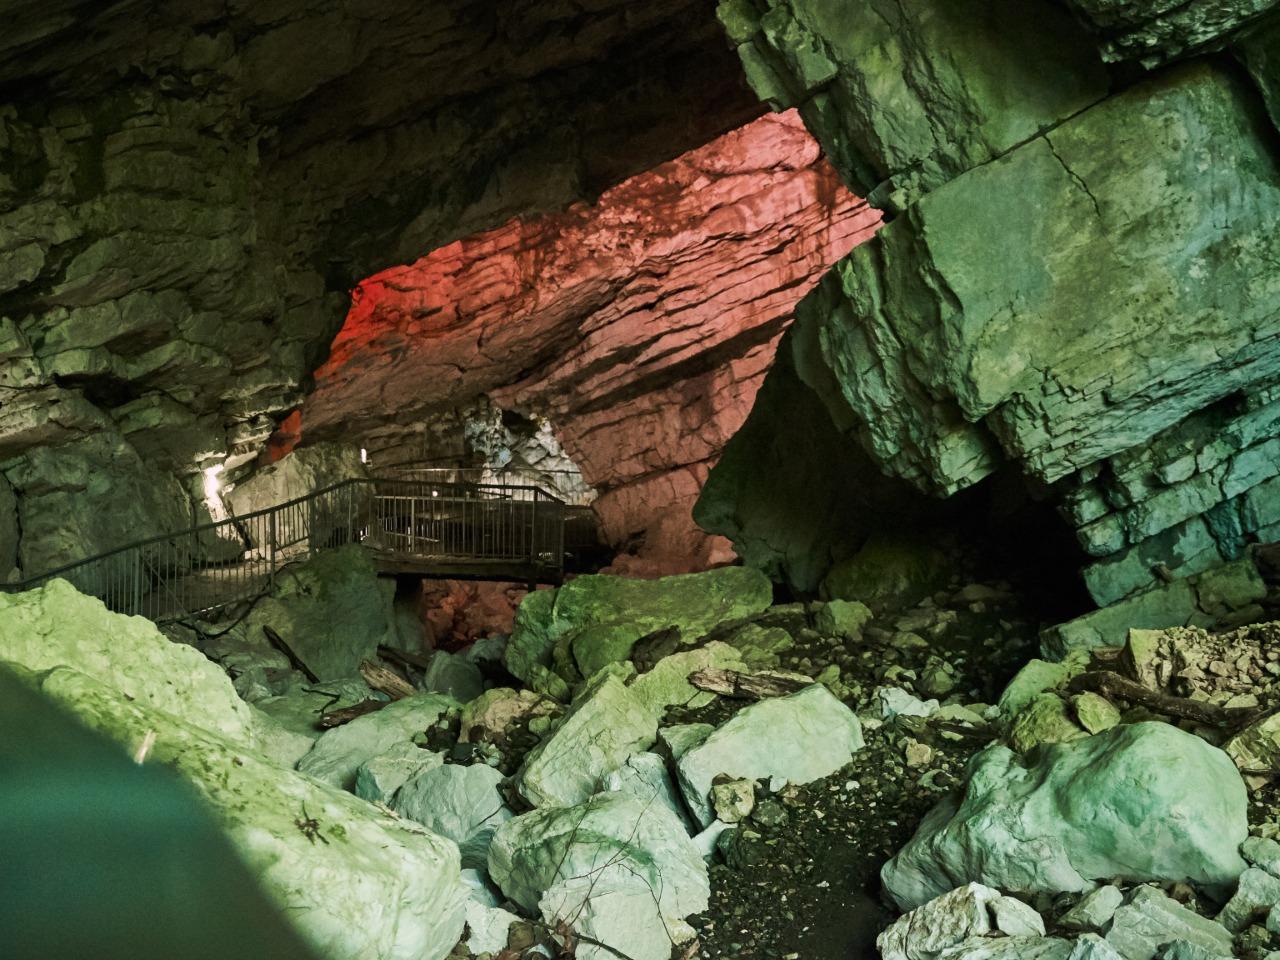 Воронцовские пещеры и Навалищенский каньон - индивидуальная экскурсия в Сочи от опытного гида